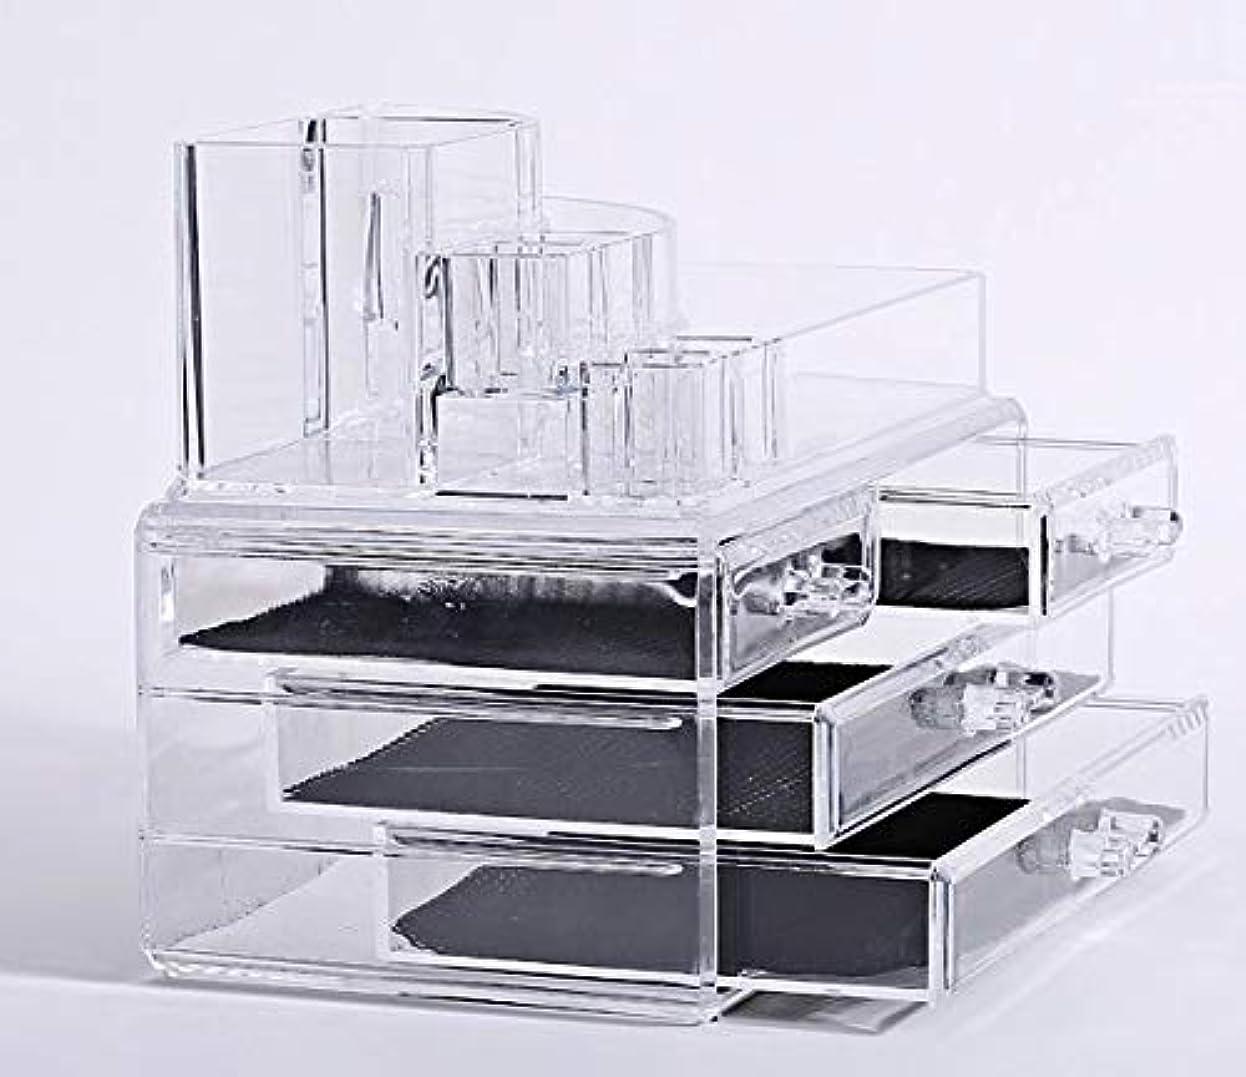 ジュラシックパーク工業用する必要がある化粧品収納ボックス メイクケース メイクボックス コスメボックス 騒音なし 防塵 高透明度 強い耐久性 整理簡単 引き出し小物